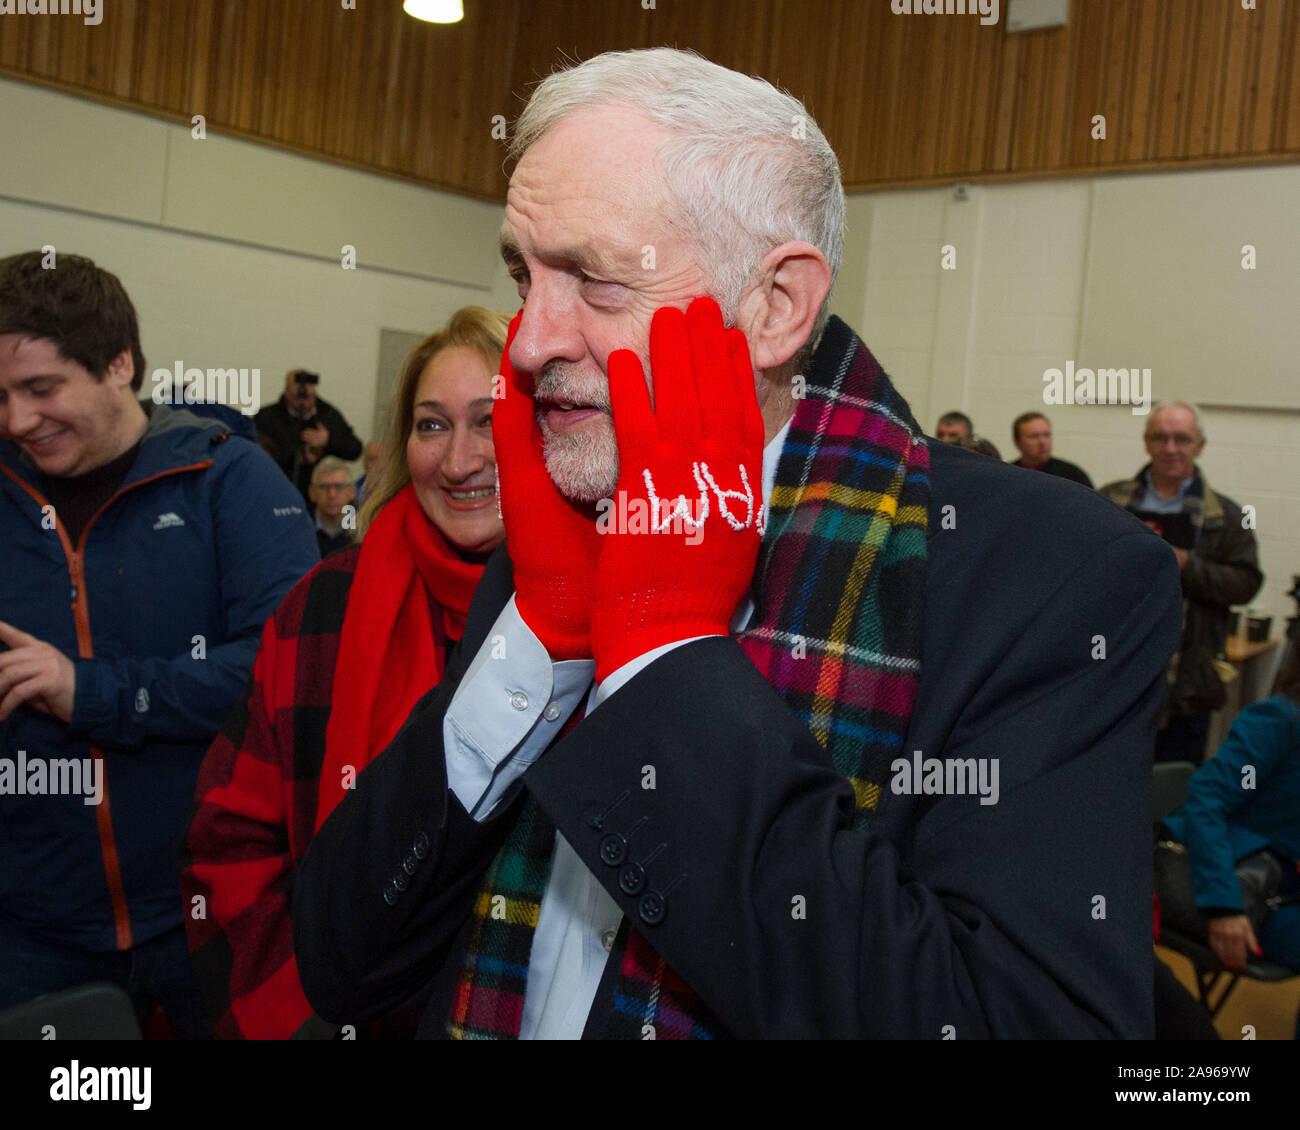 Glasgow, Regno Unito. Xiii Nov, 2019. Nella foto: Jeremy Corbyn MP - Leader del partito laburista. Leader laburista Jeremy Corbyn tours circoscrizioni chiave in Scozia come parte del più grande popolo-powered campagna nella storia del nostro paese. Jeremy Corbyn indirizzi attivisti sindacali e di campagna tra sedi per chiavetta in Scozia a fianco del lavoro scozzese candidati. Credito: Colin Fisher/Alamy Live News Foto Stock